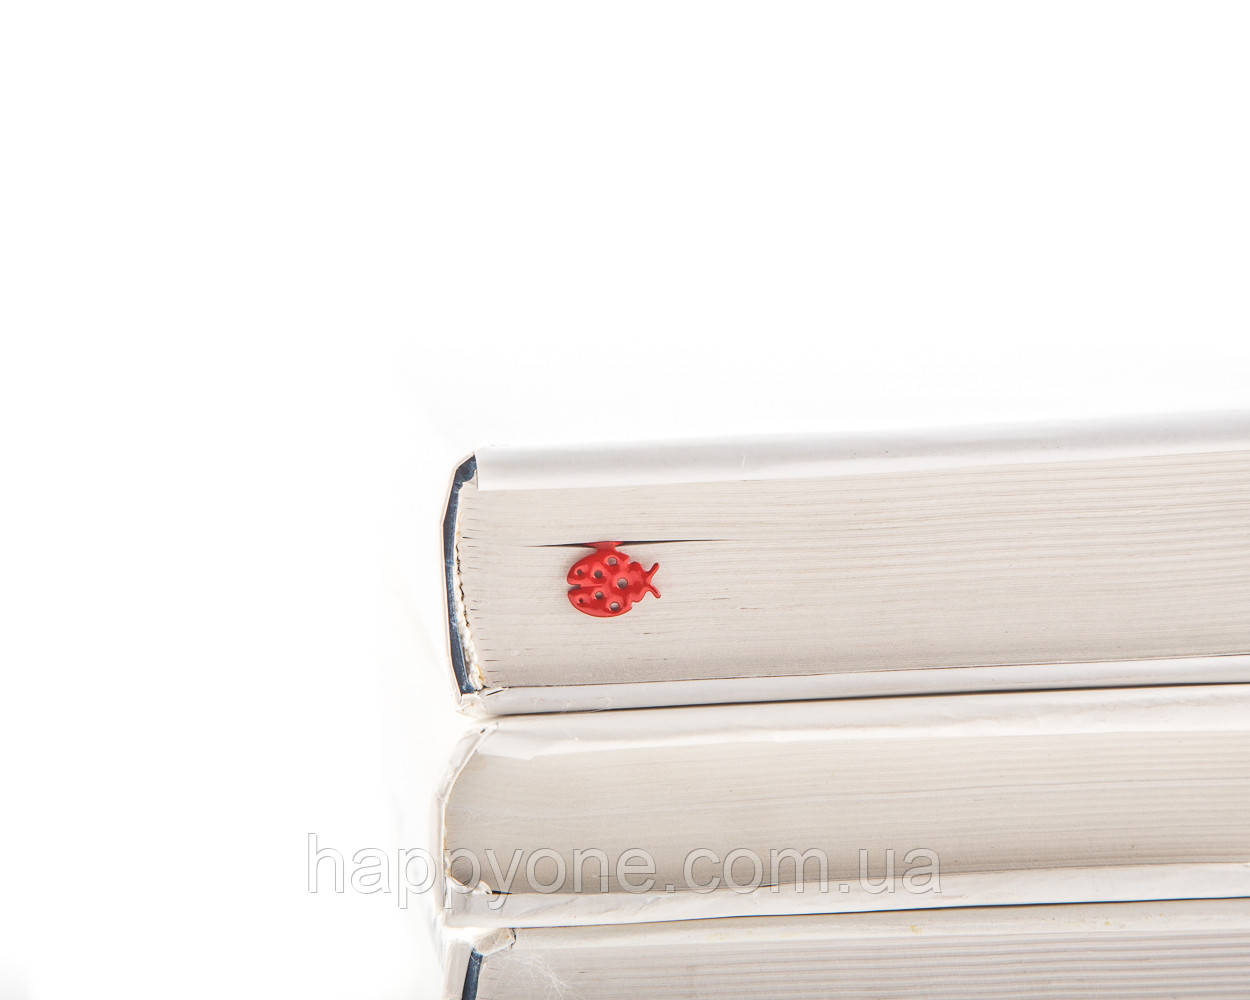 Закладка для книг Божья коровка